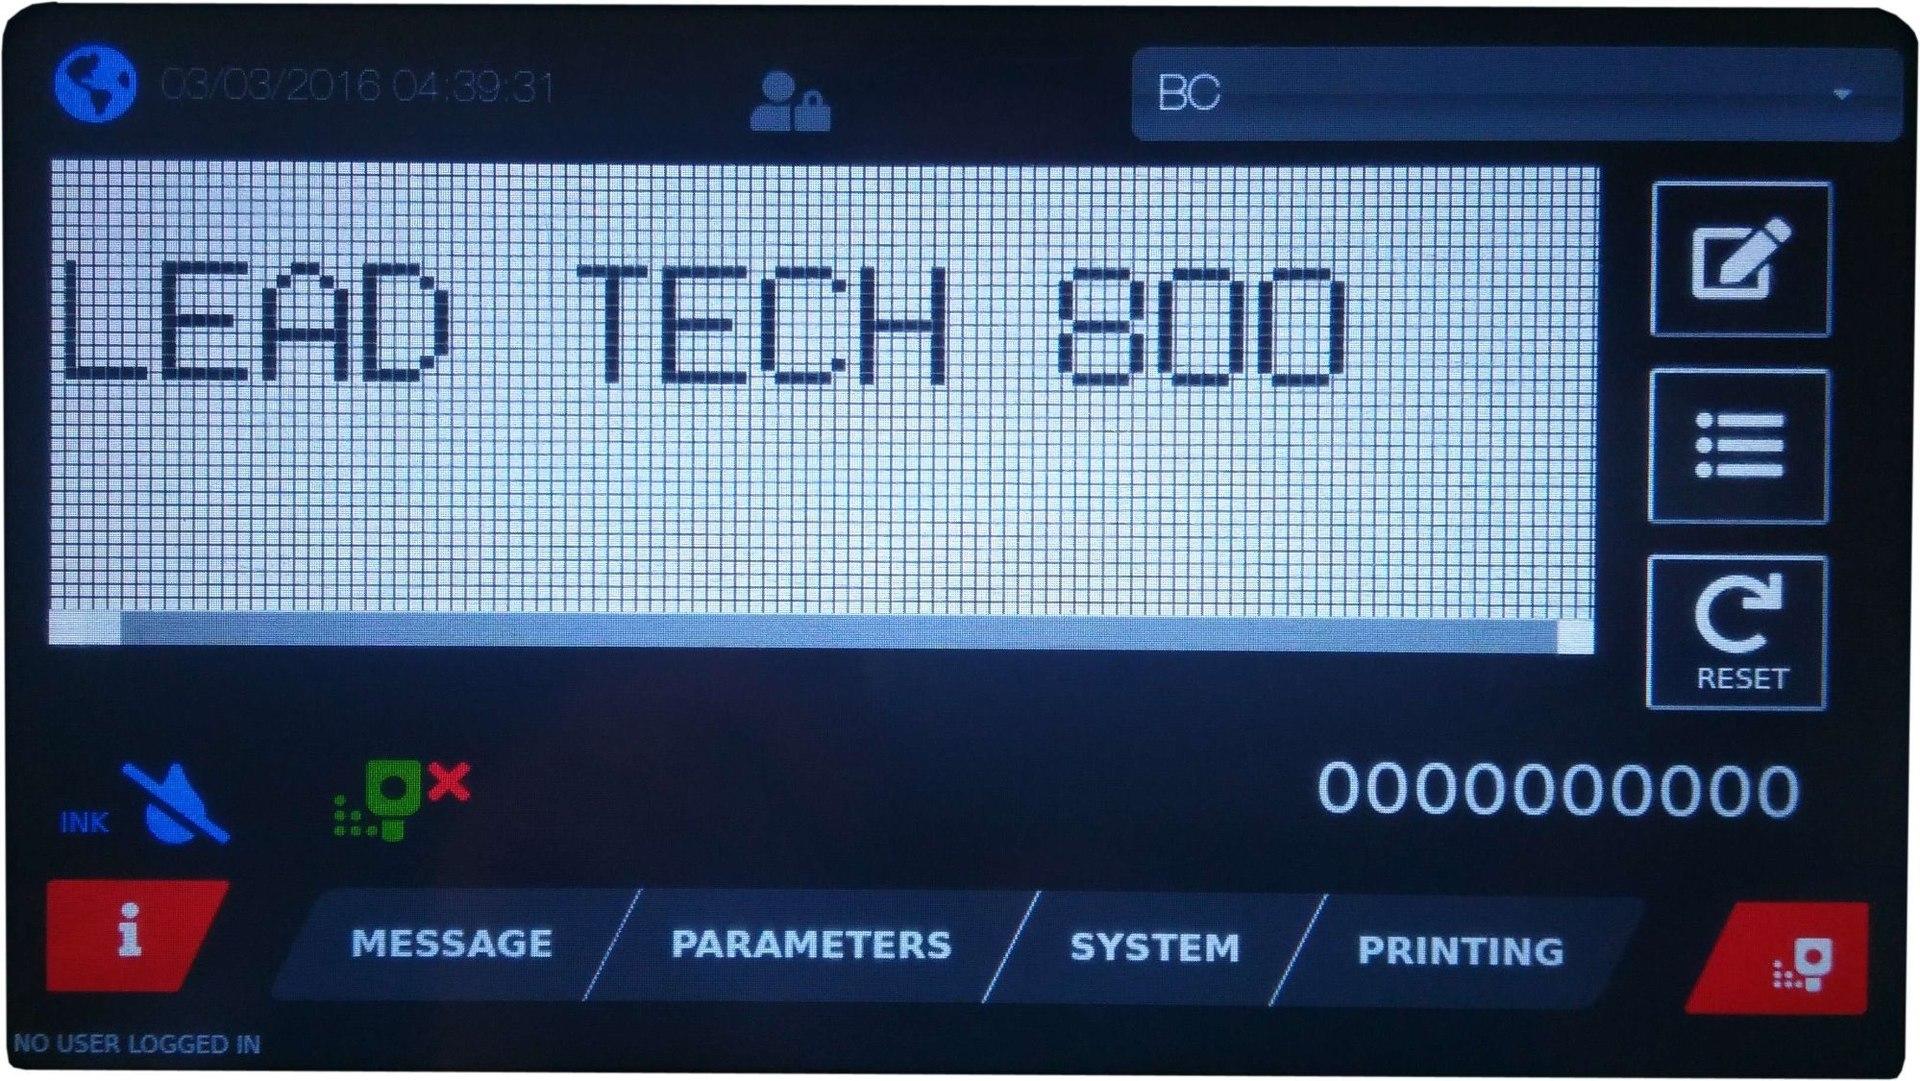 Lead Tech Lt800 Inkjet Date Marking Machine Cij Inkjet Printer